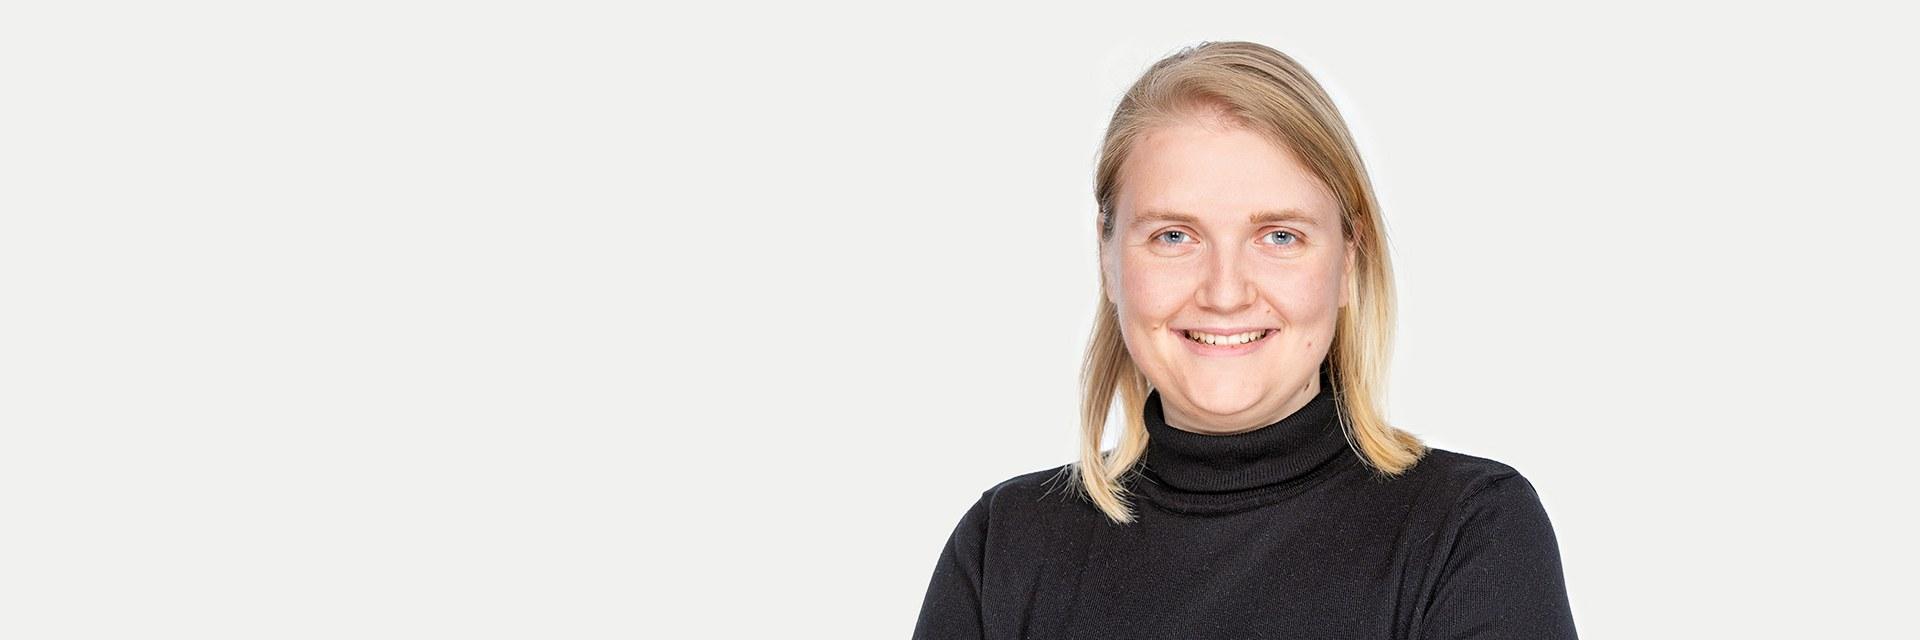 Kristina Djordjevic